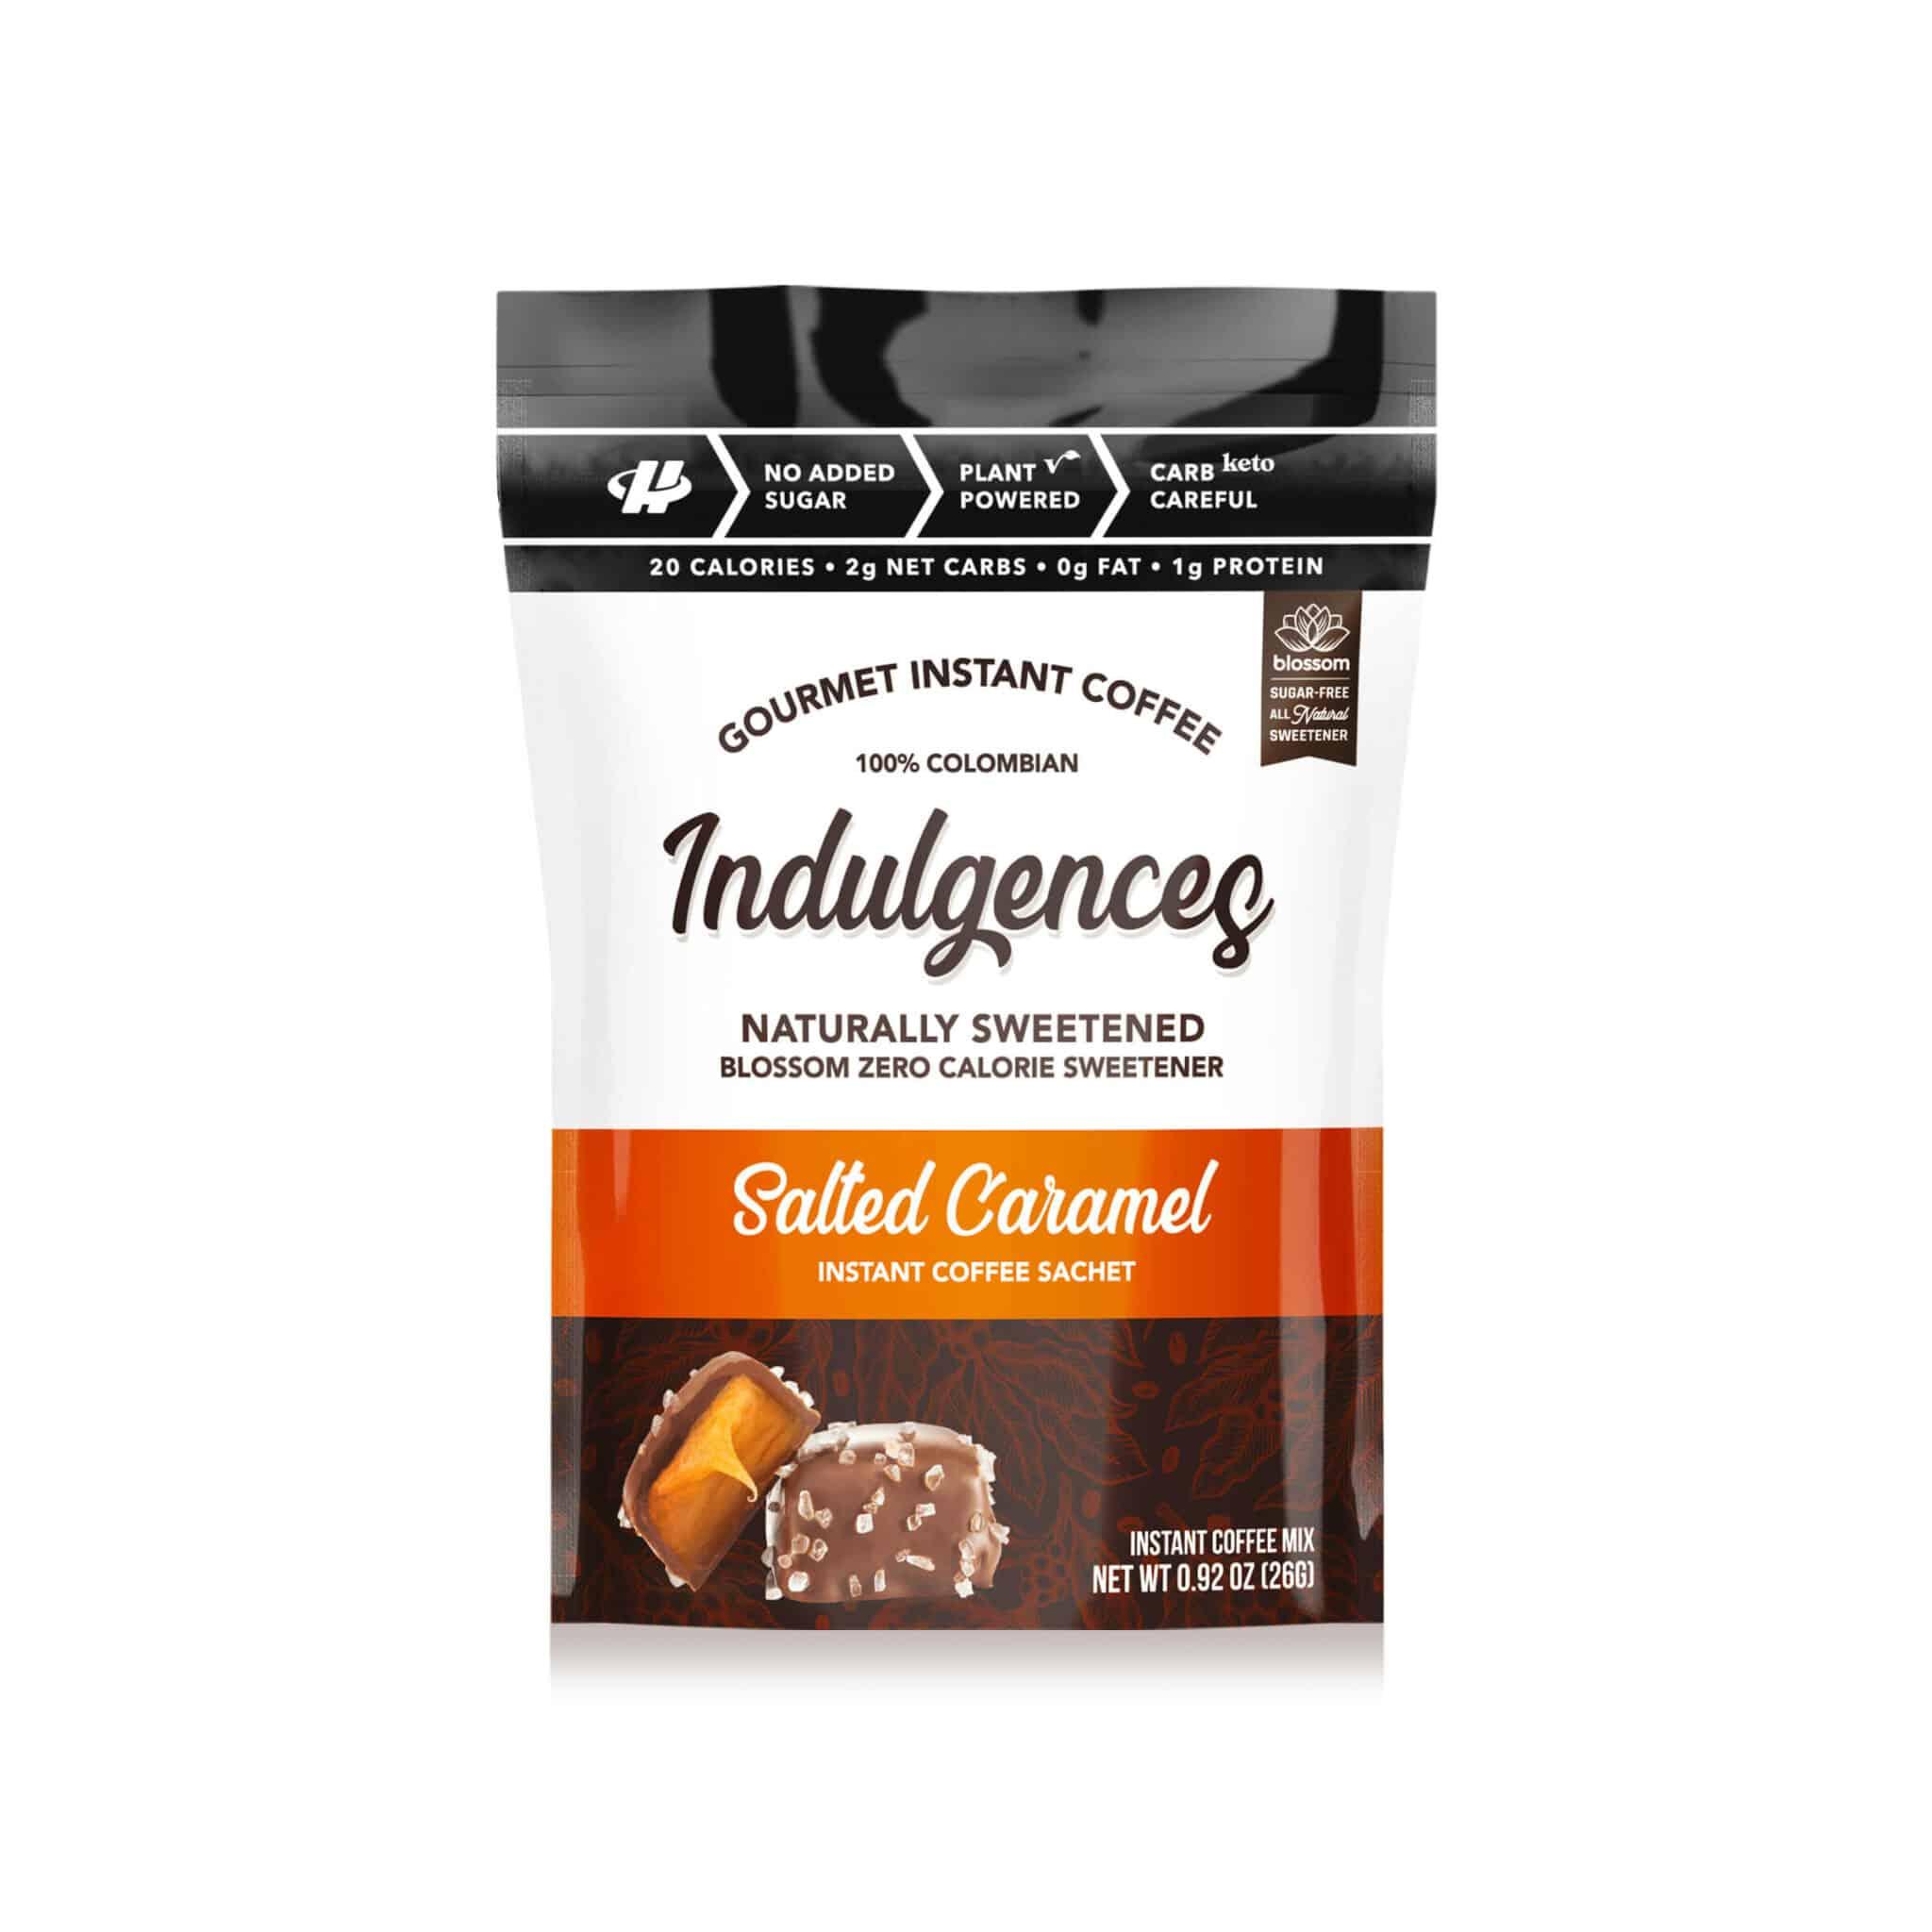 Indulgences-Salted-Caramel-Coffee-scaled